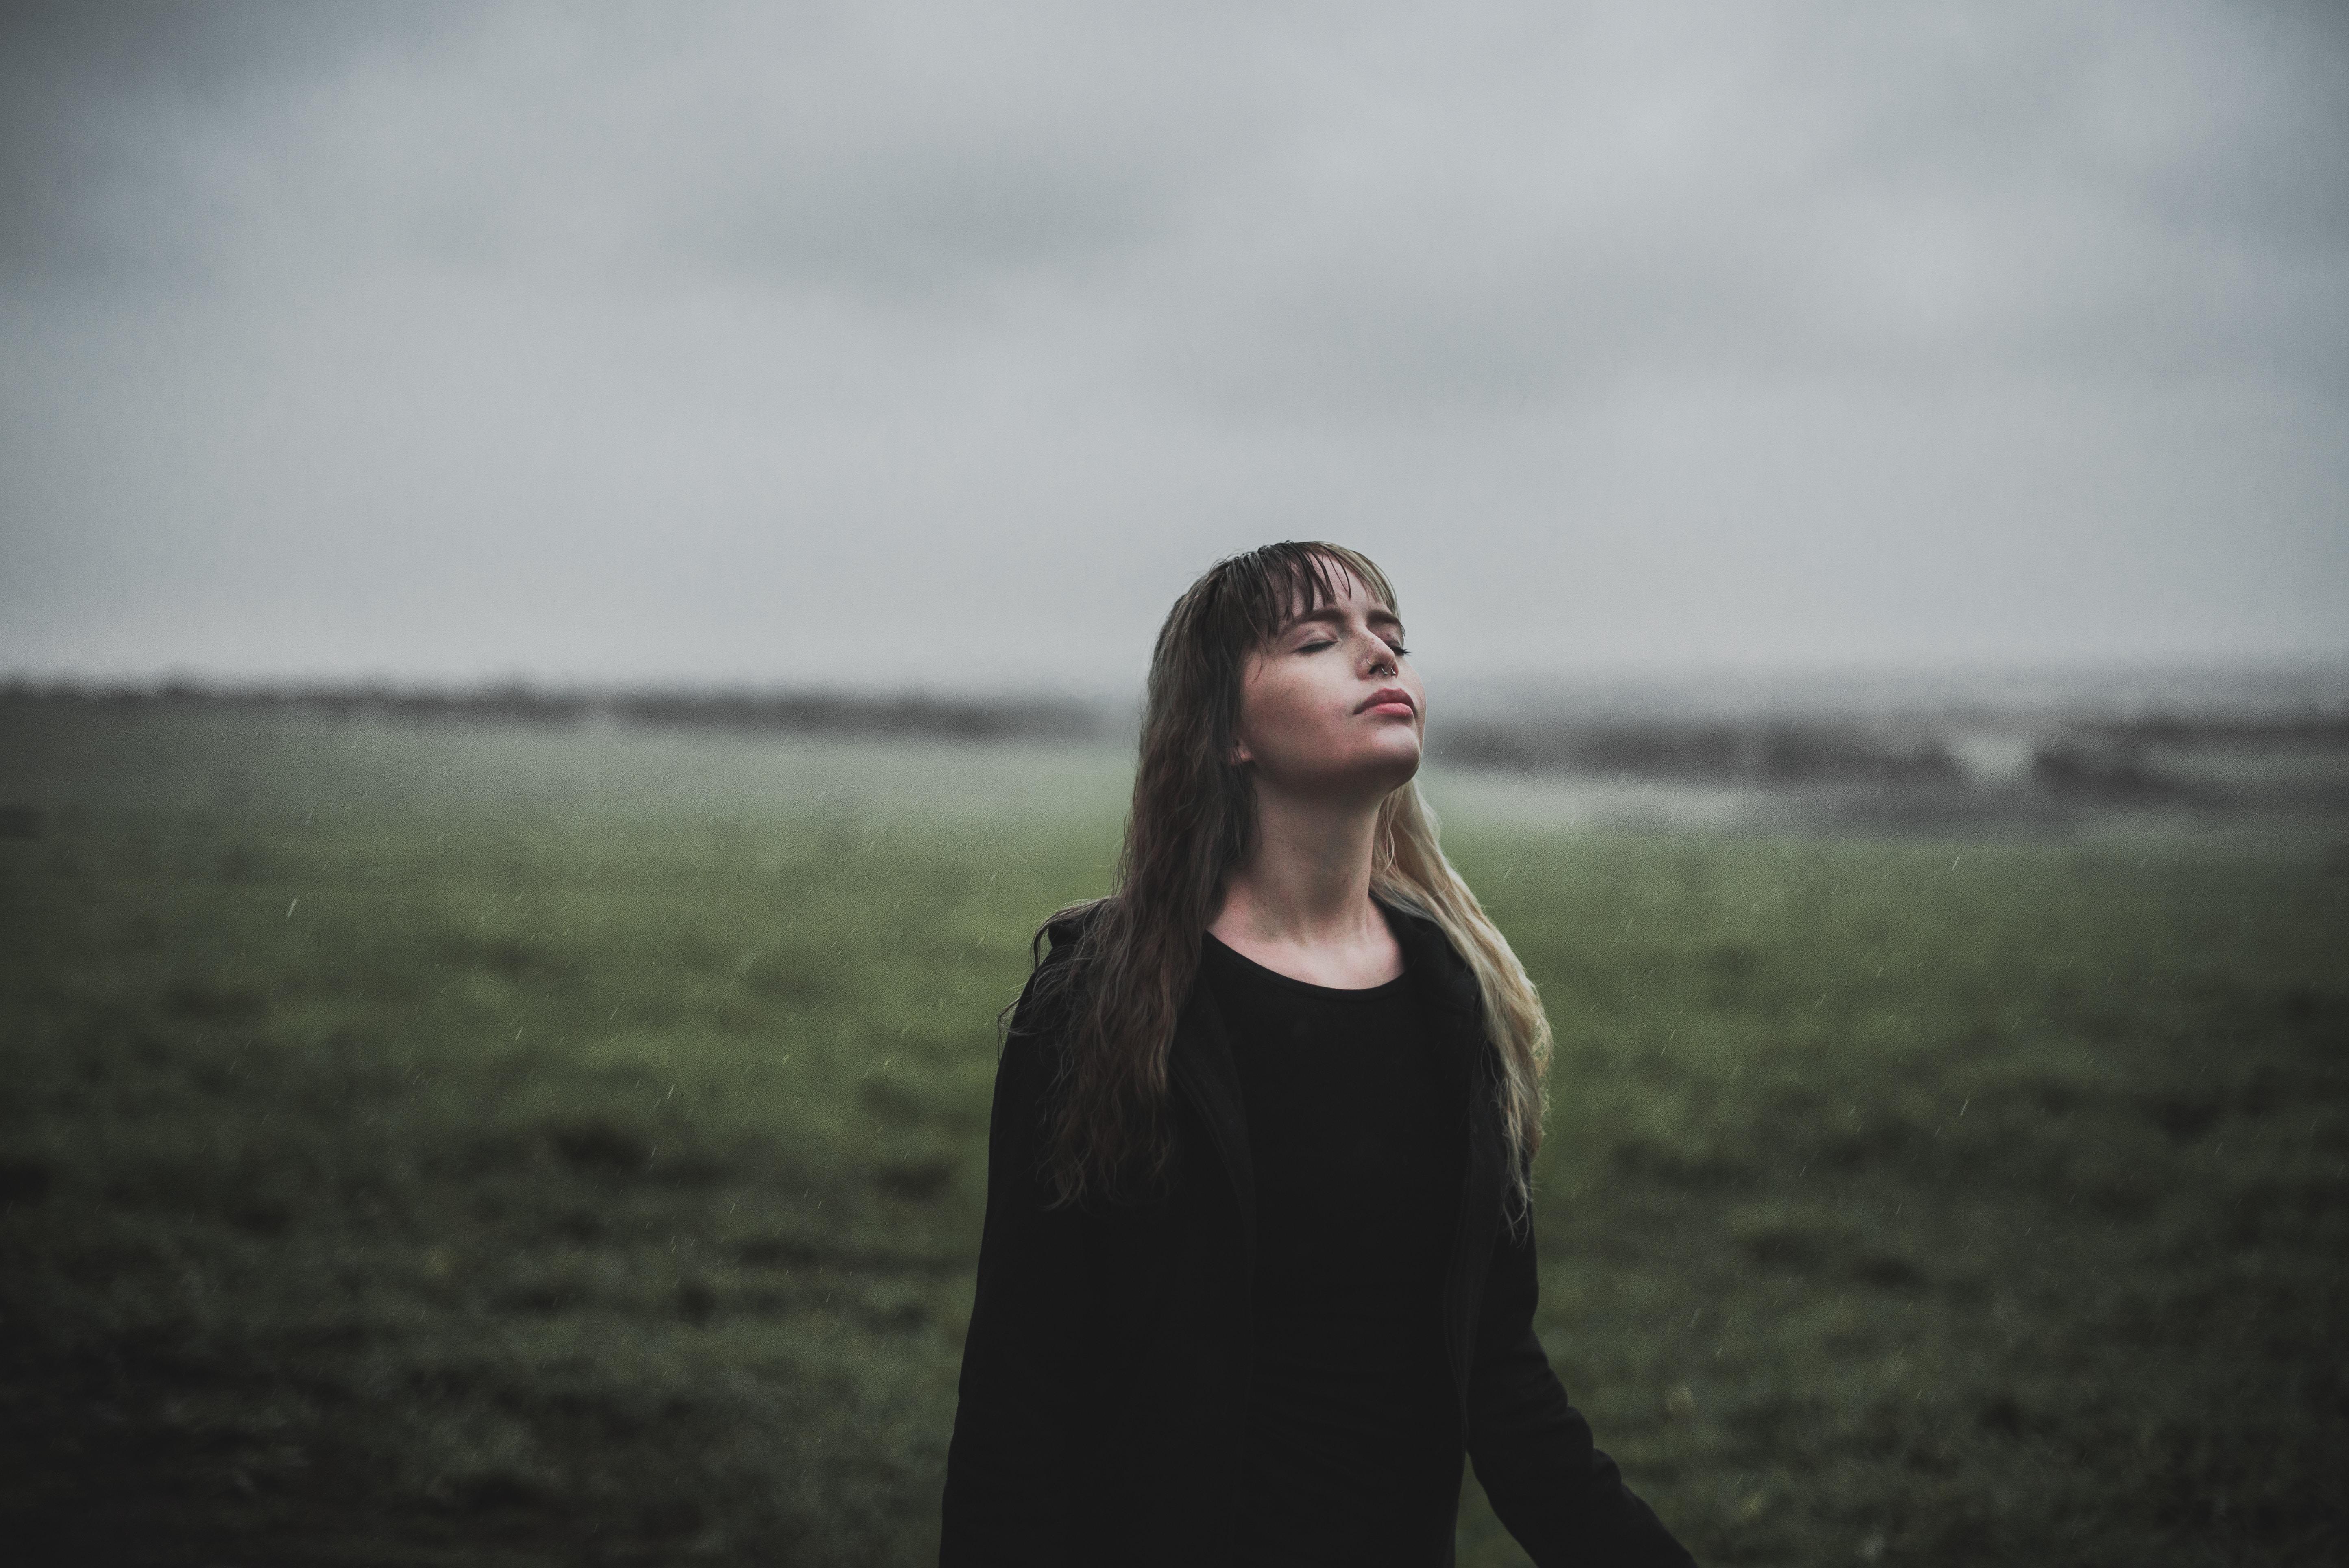 woman facing upward standing on green grass